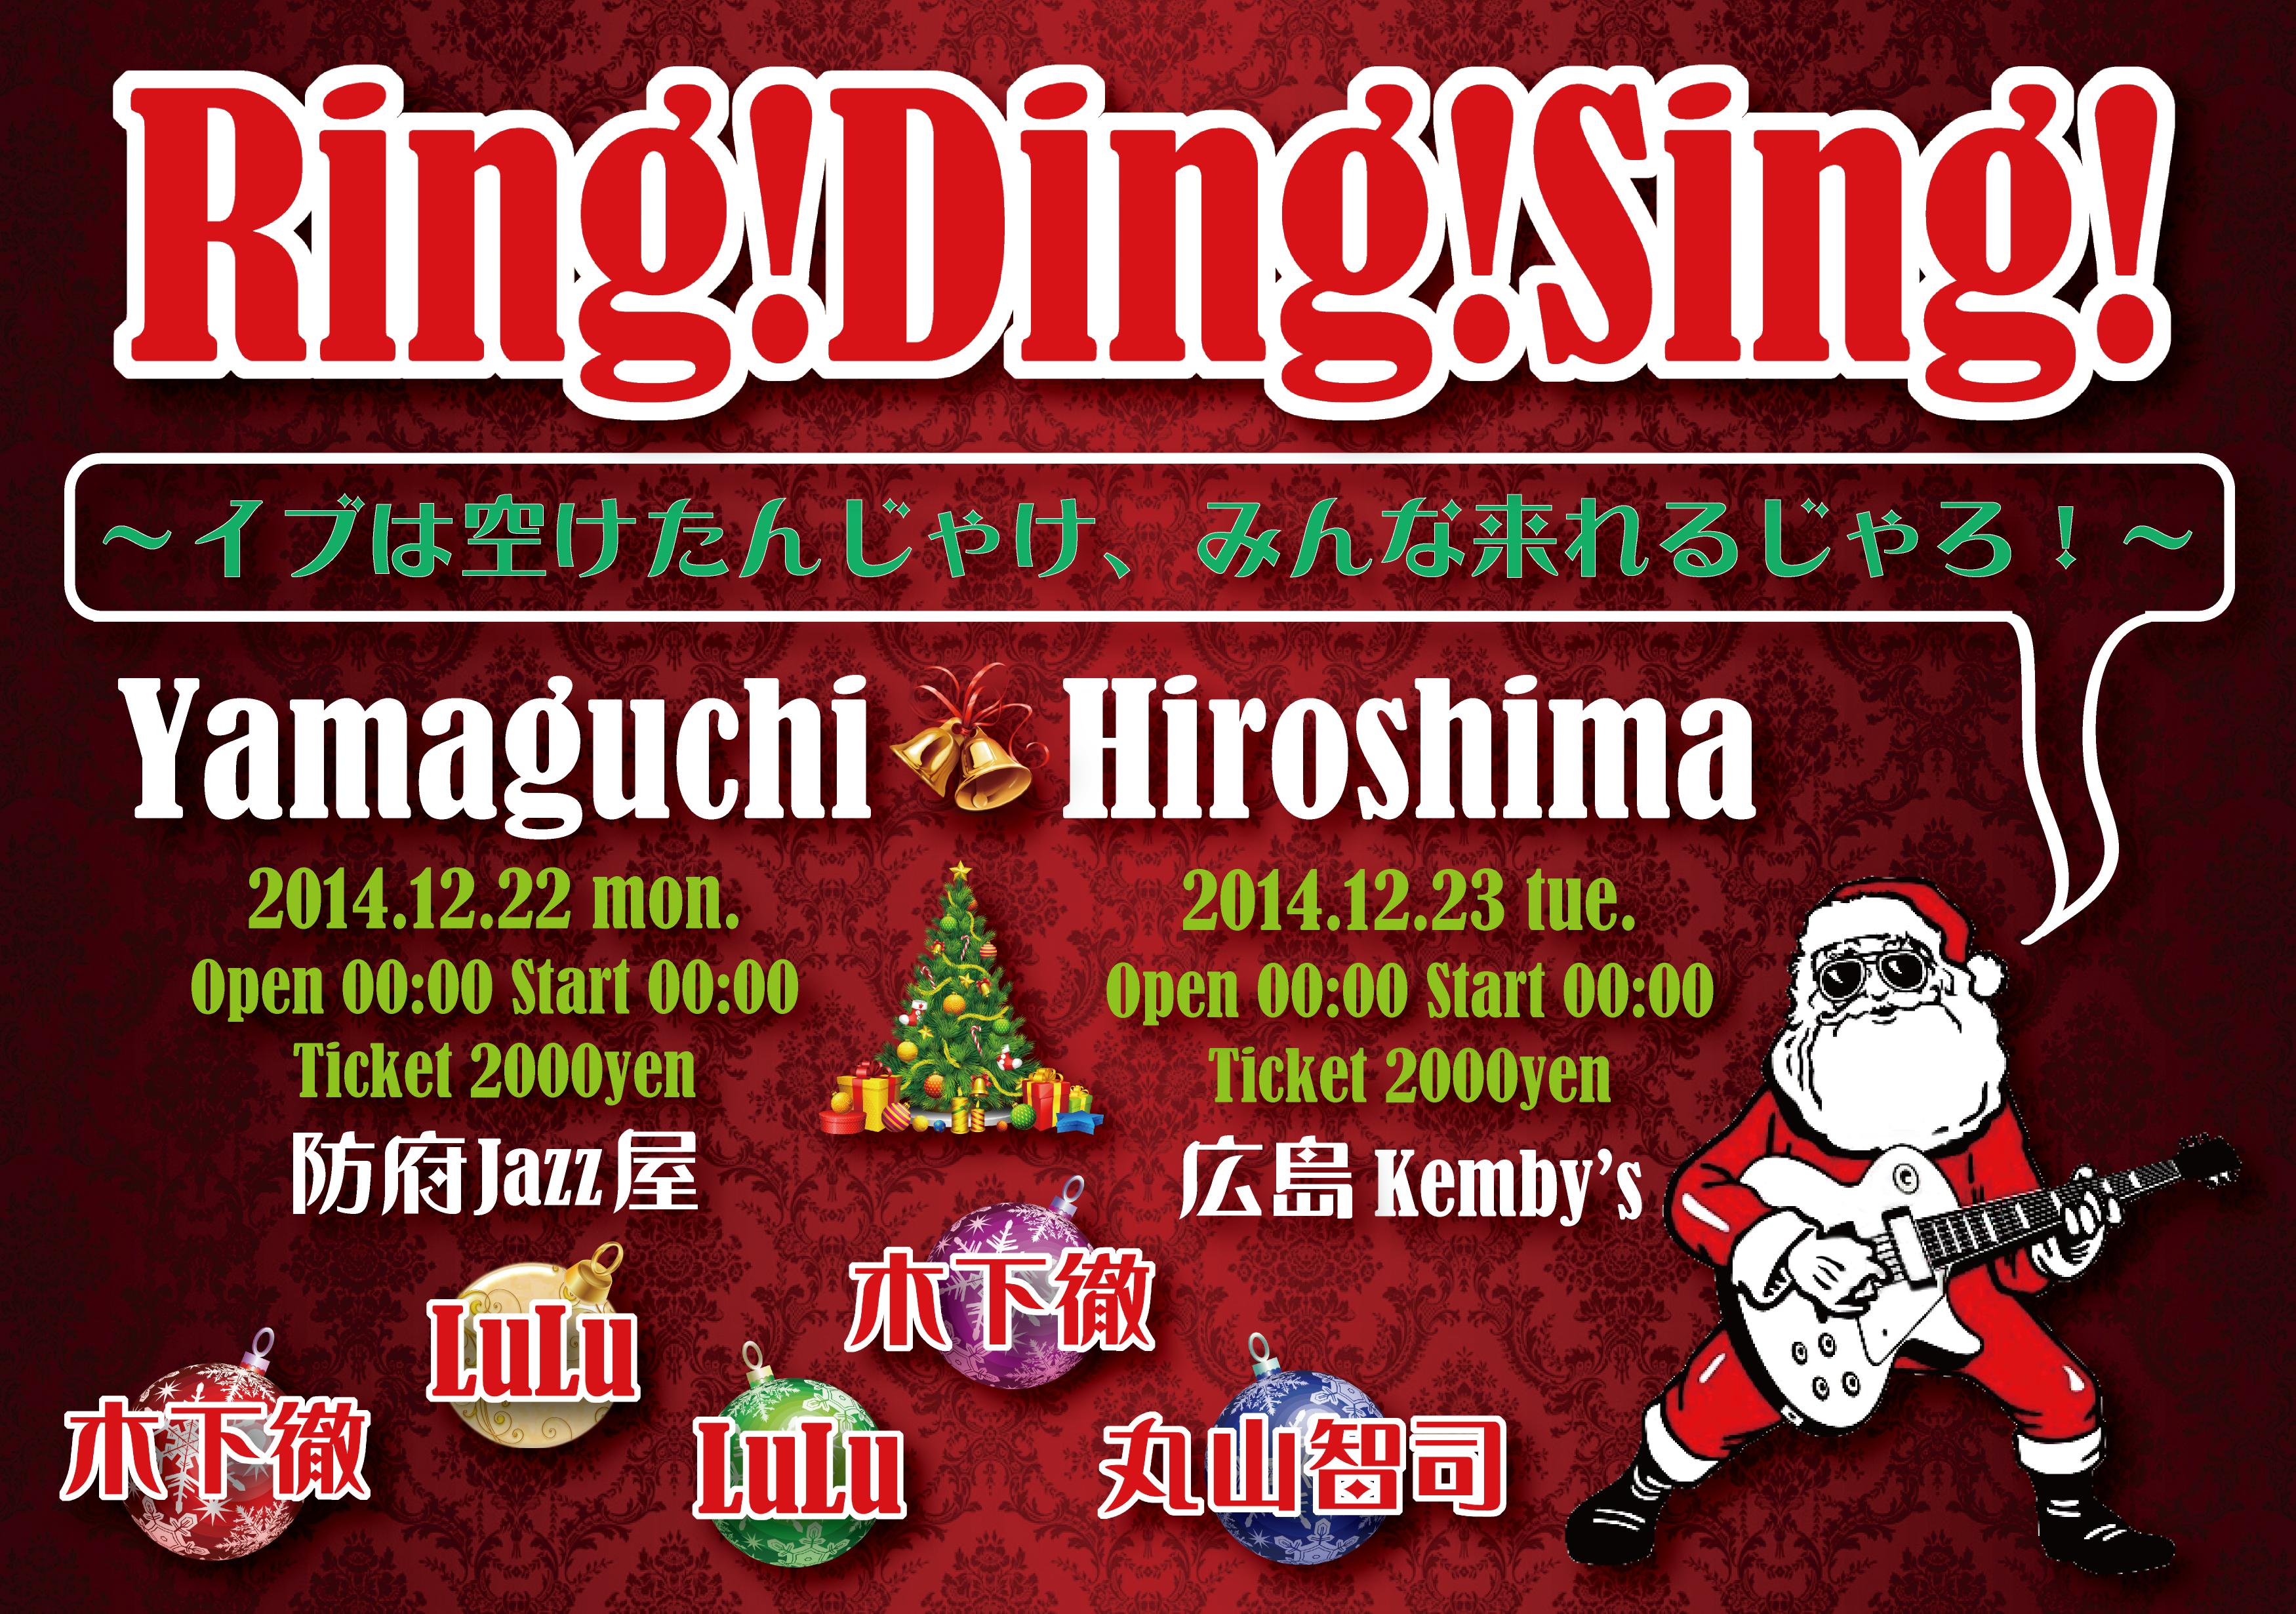 Ring!Ding!Sing!A4